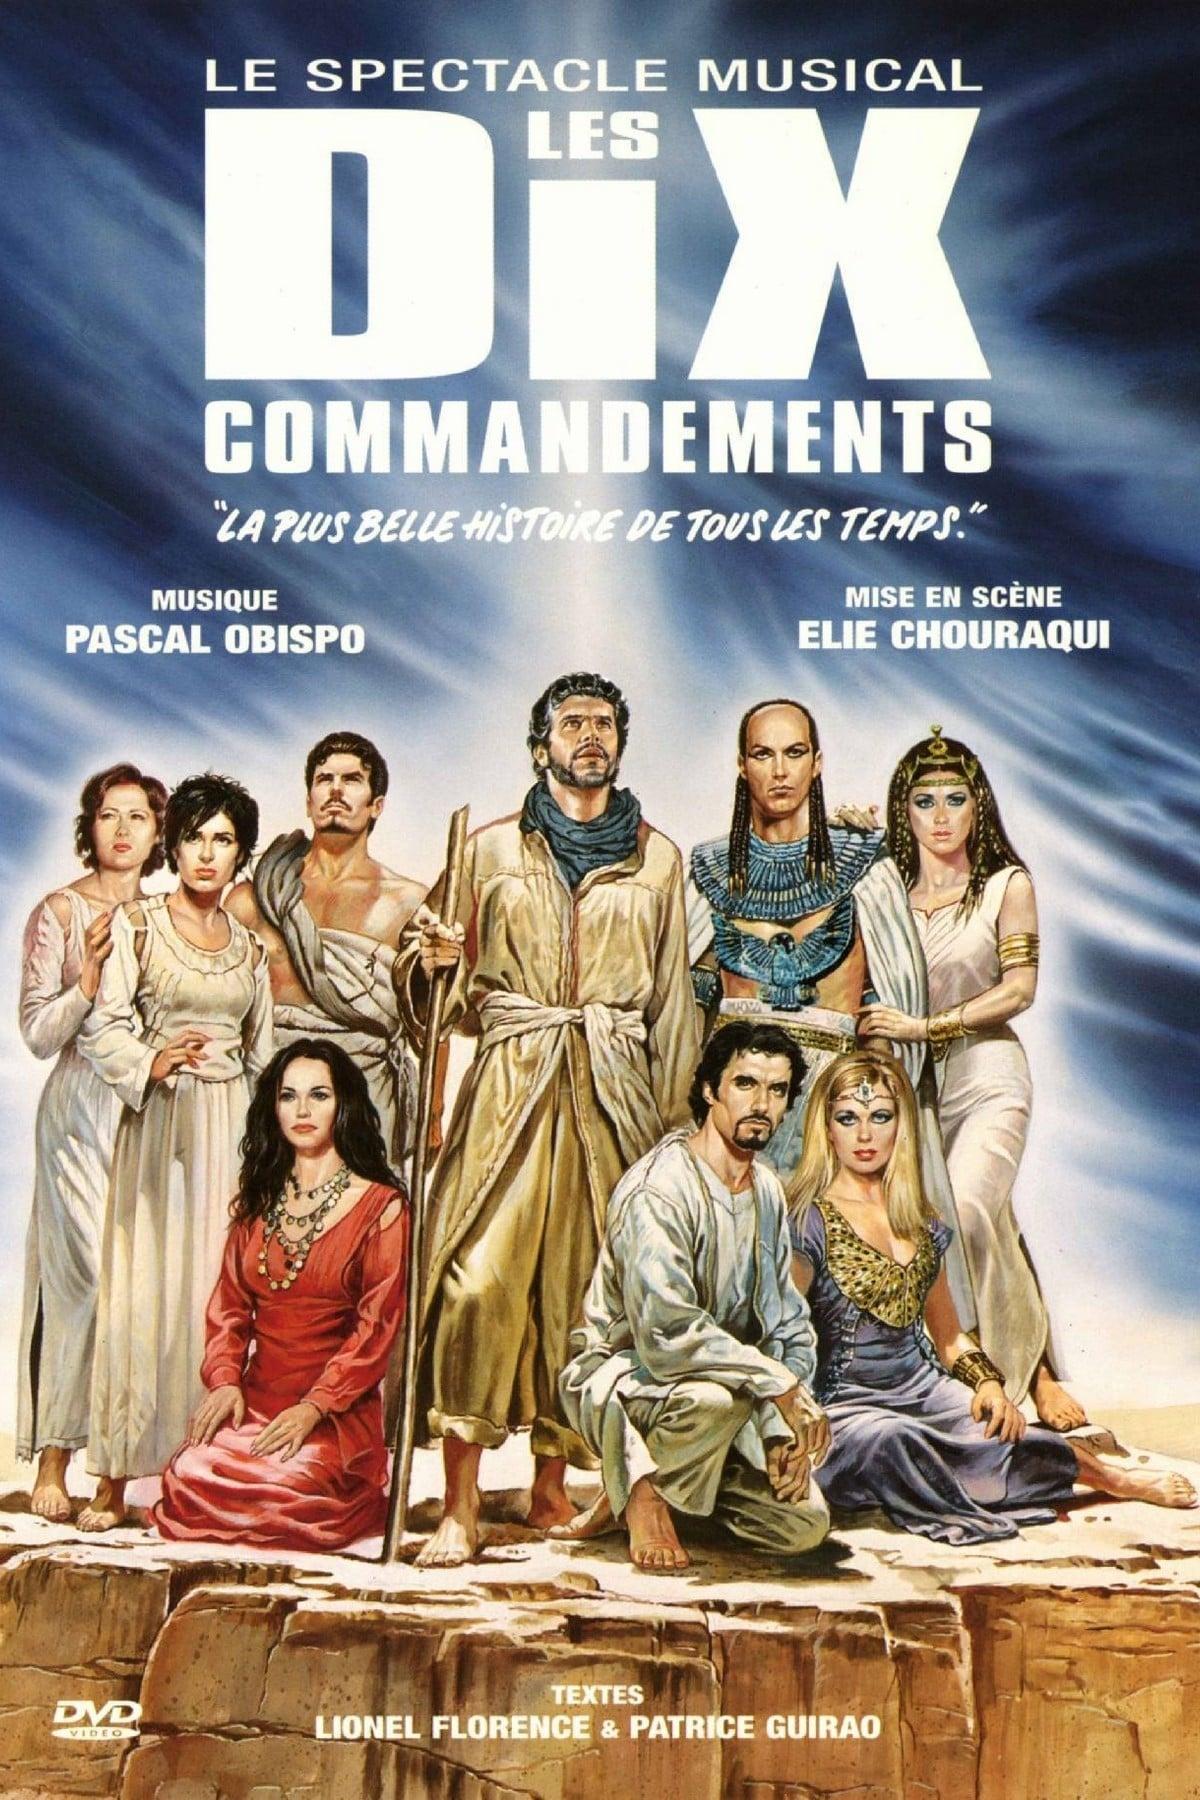 Les Dix Commandements -Comedie Musicale - HDTV720p